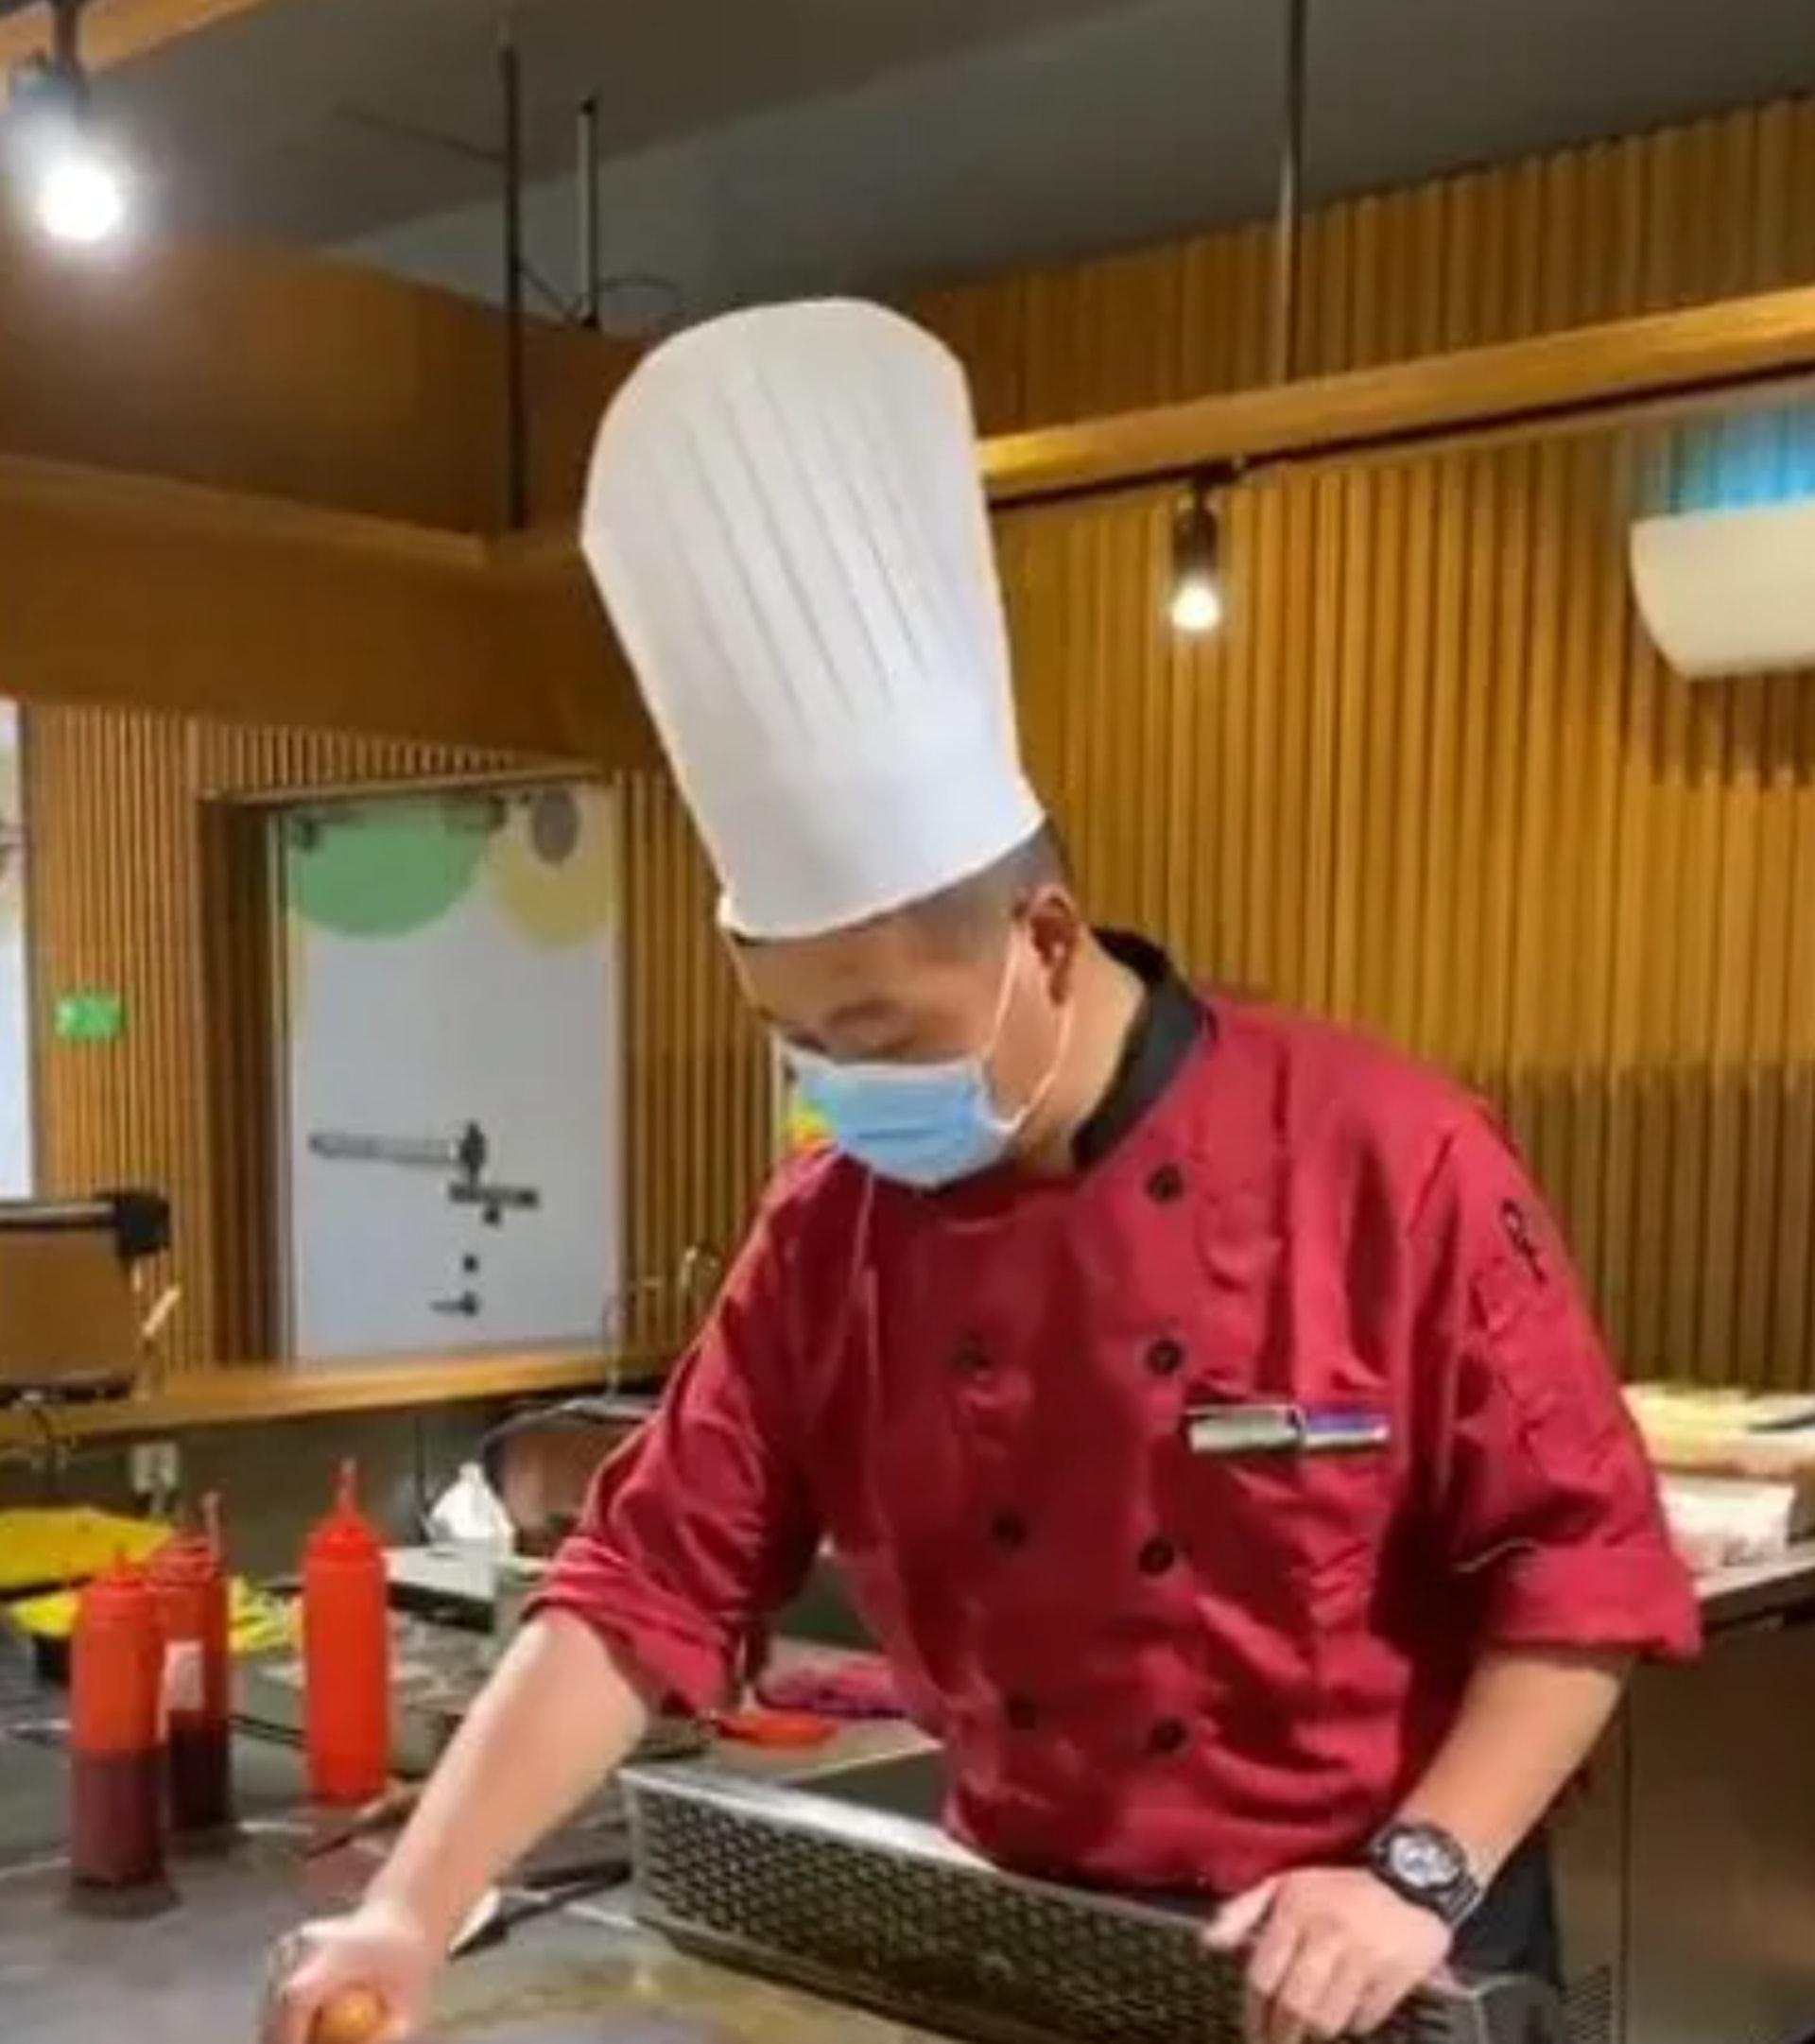 用腸仔雞蛋擺出「100分」來安慰食客的彭師傅。(長江日報)